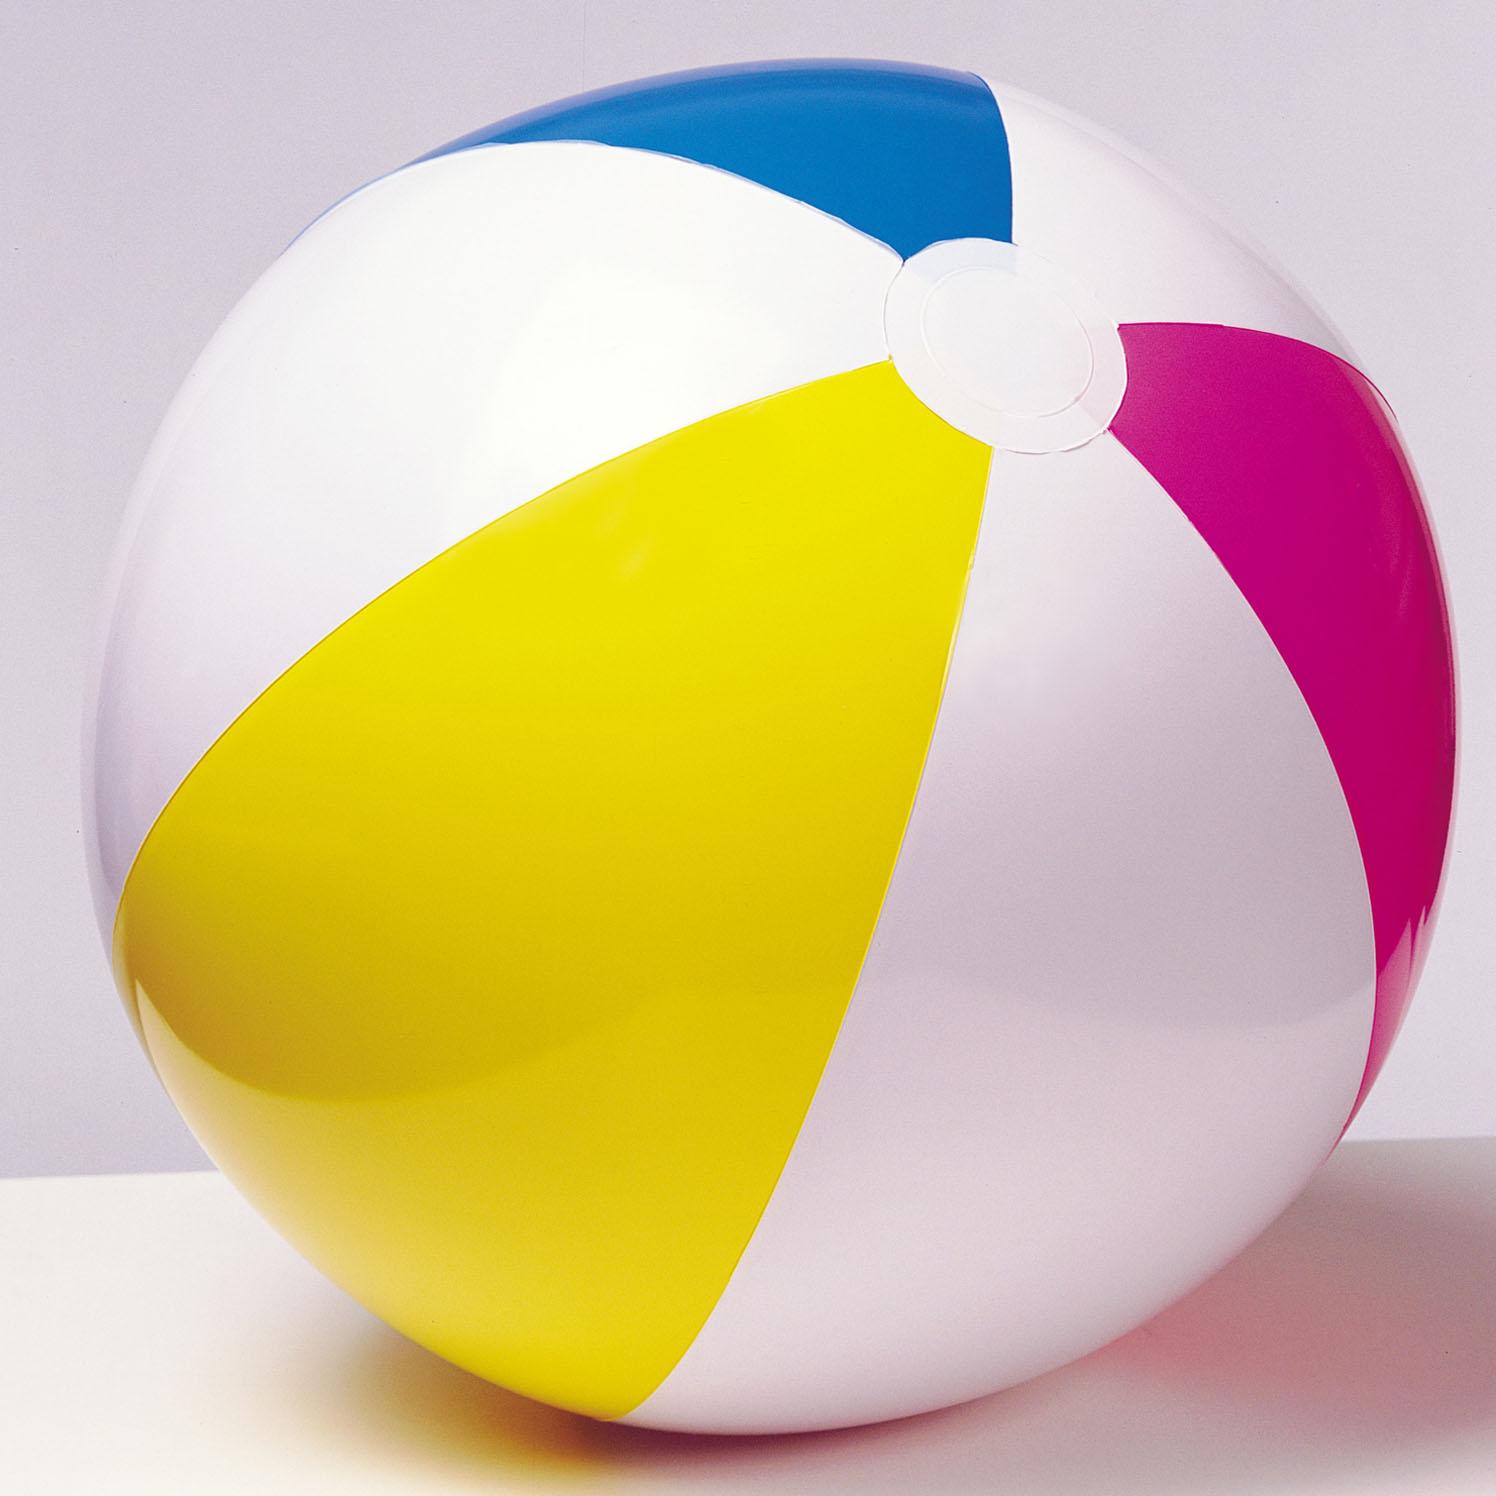 Мяч надувной Gloossy Panel BallНадувные животные, круги и матрацы<br>Мяч надувной Gloossy Panel Ball<br>